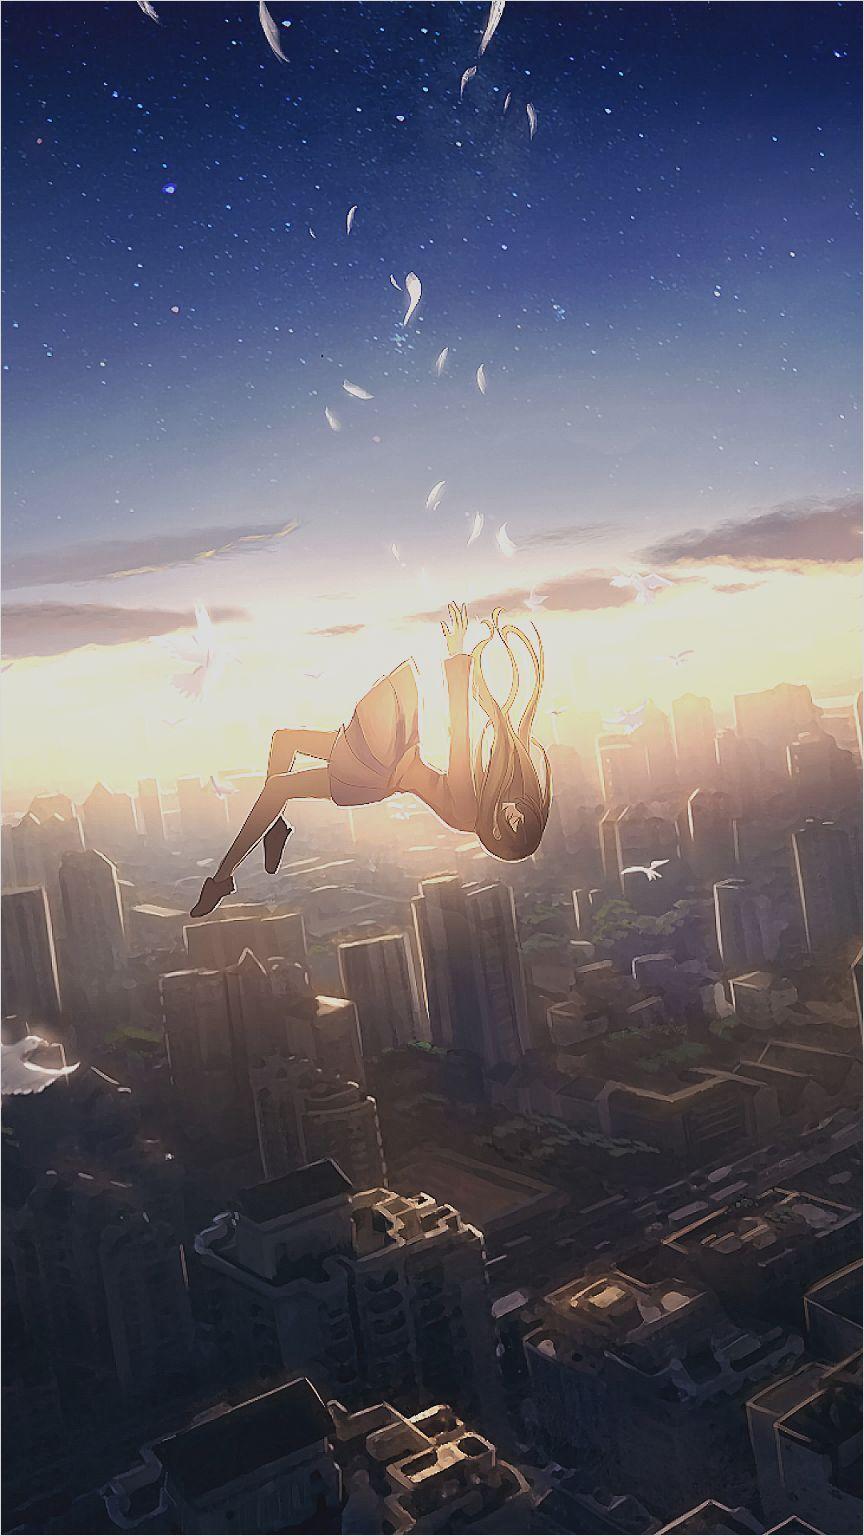 schöne Anime Wallpaper iPhone   schöne Anime Tapete   21x21 ...